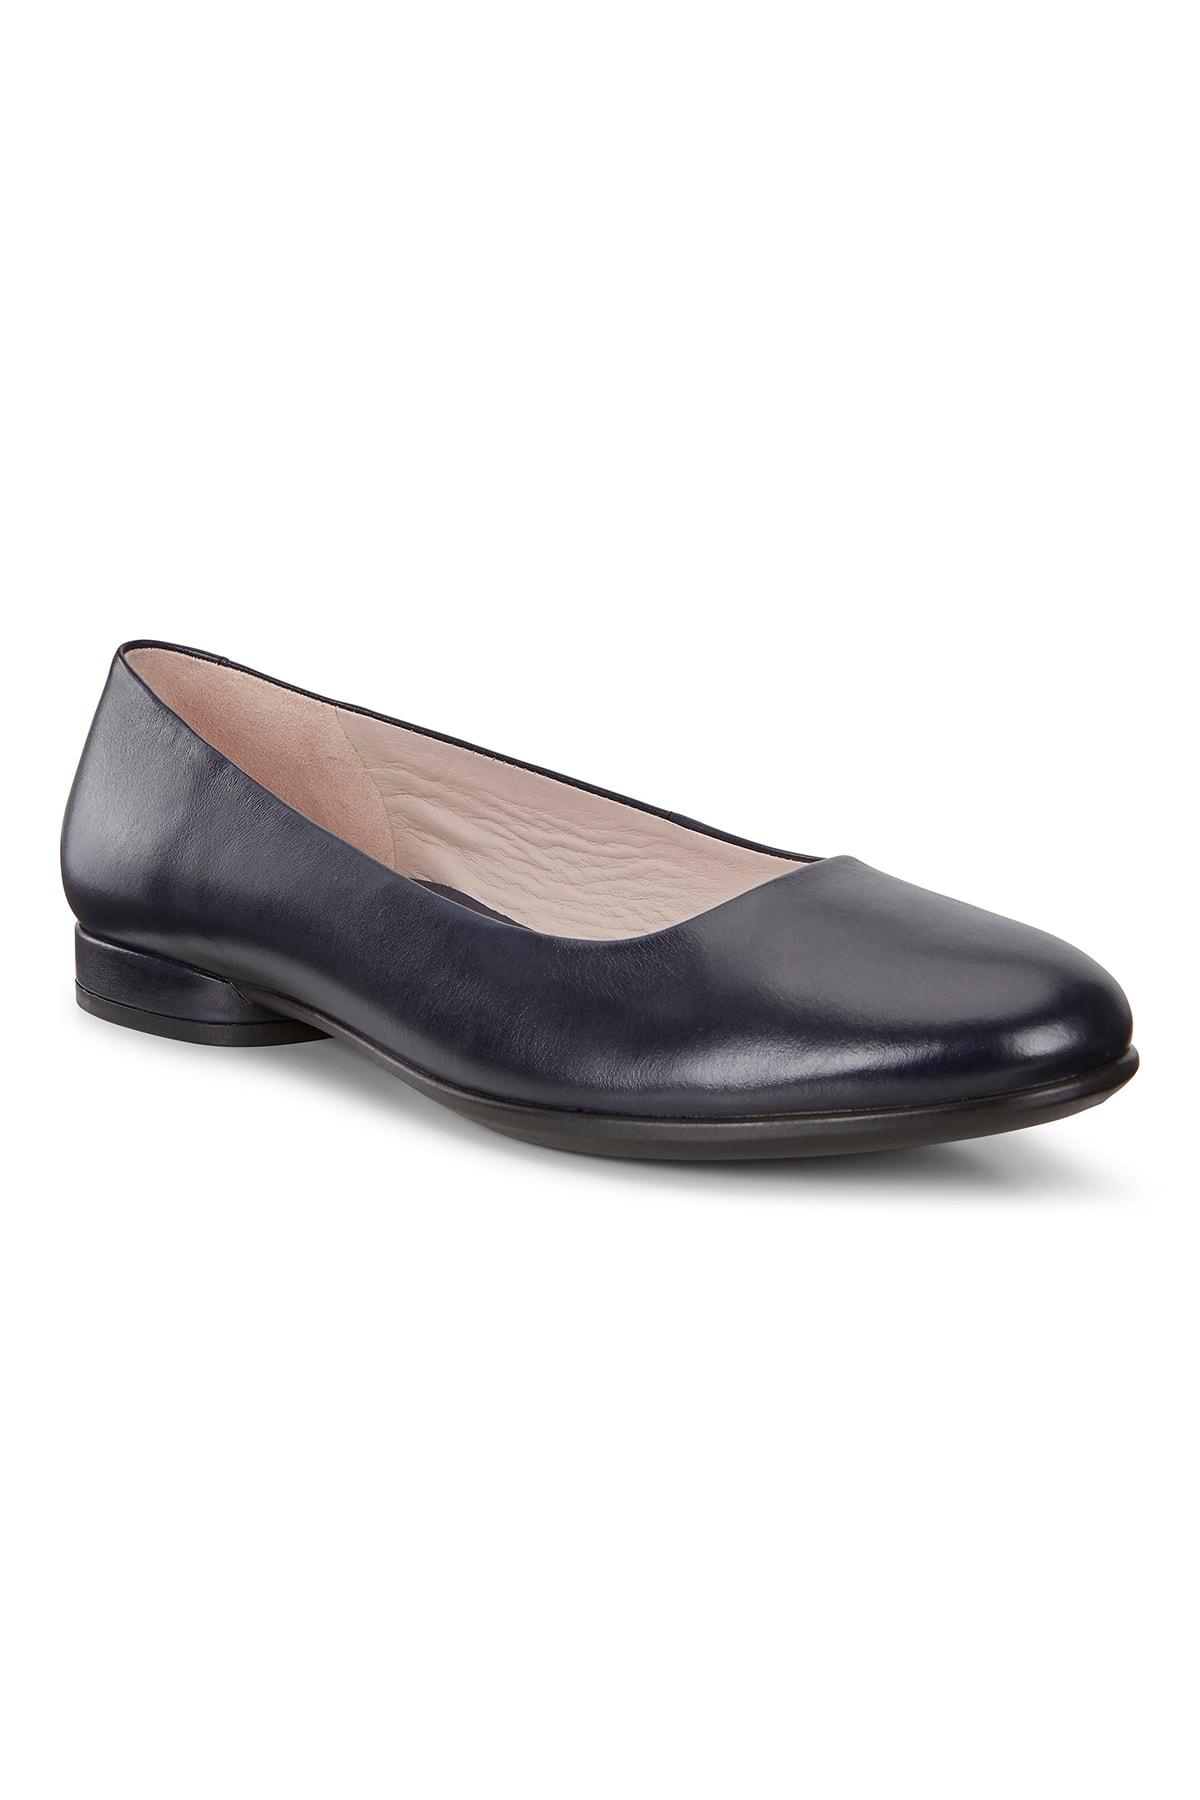 Ecco Kadın Klasik Ayakkabı Anine Night Sky Lacivert 208003